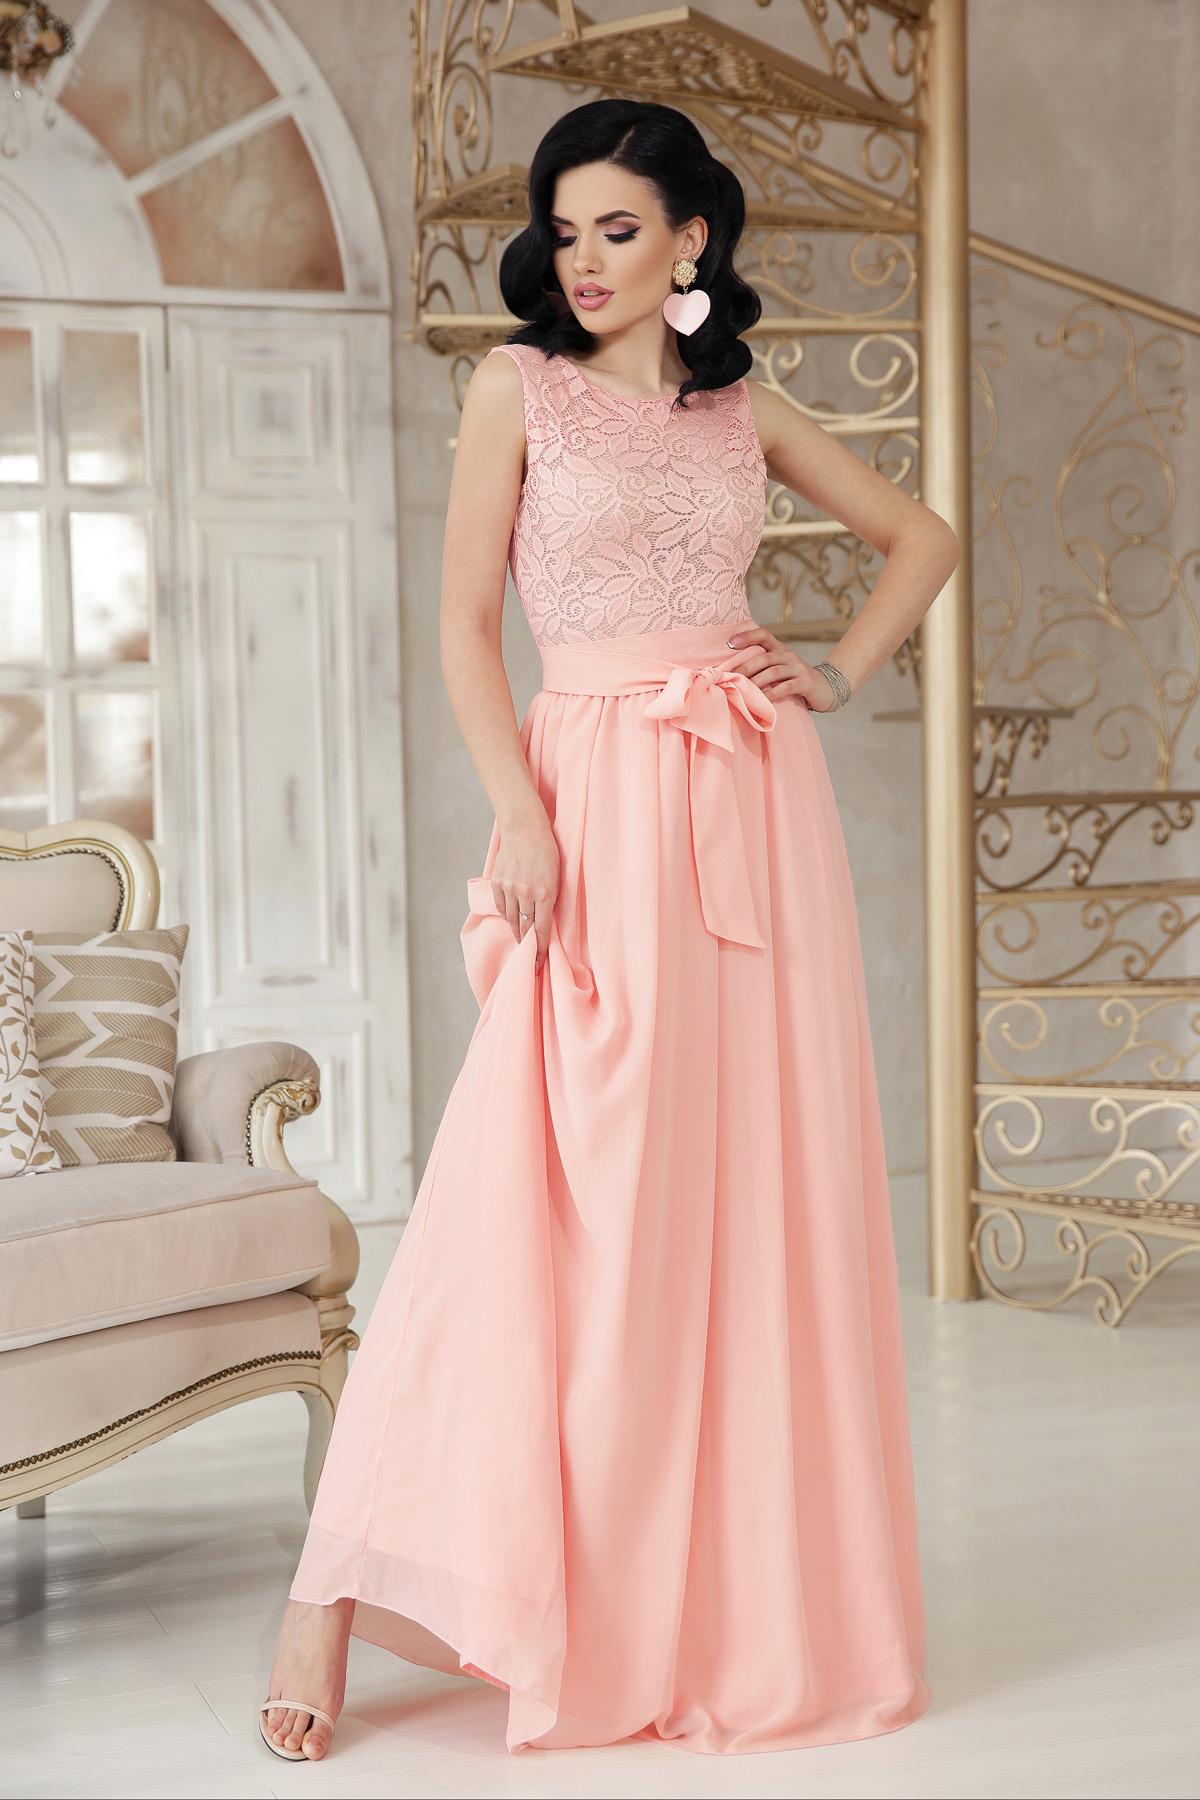 56639da34ae длинное персиковое платье. платье Анисья б р. Цвет  персик